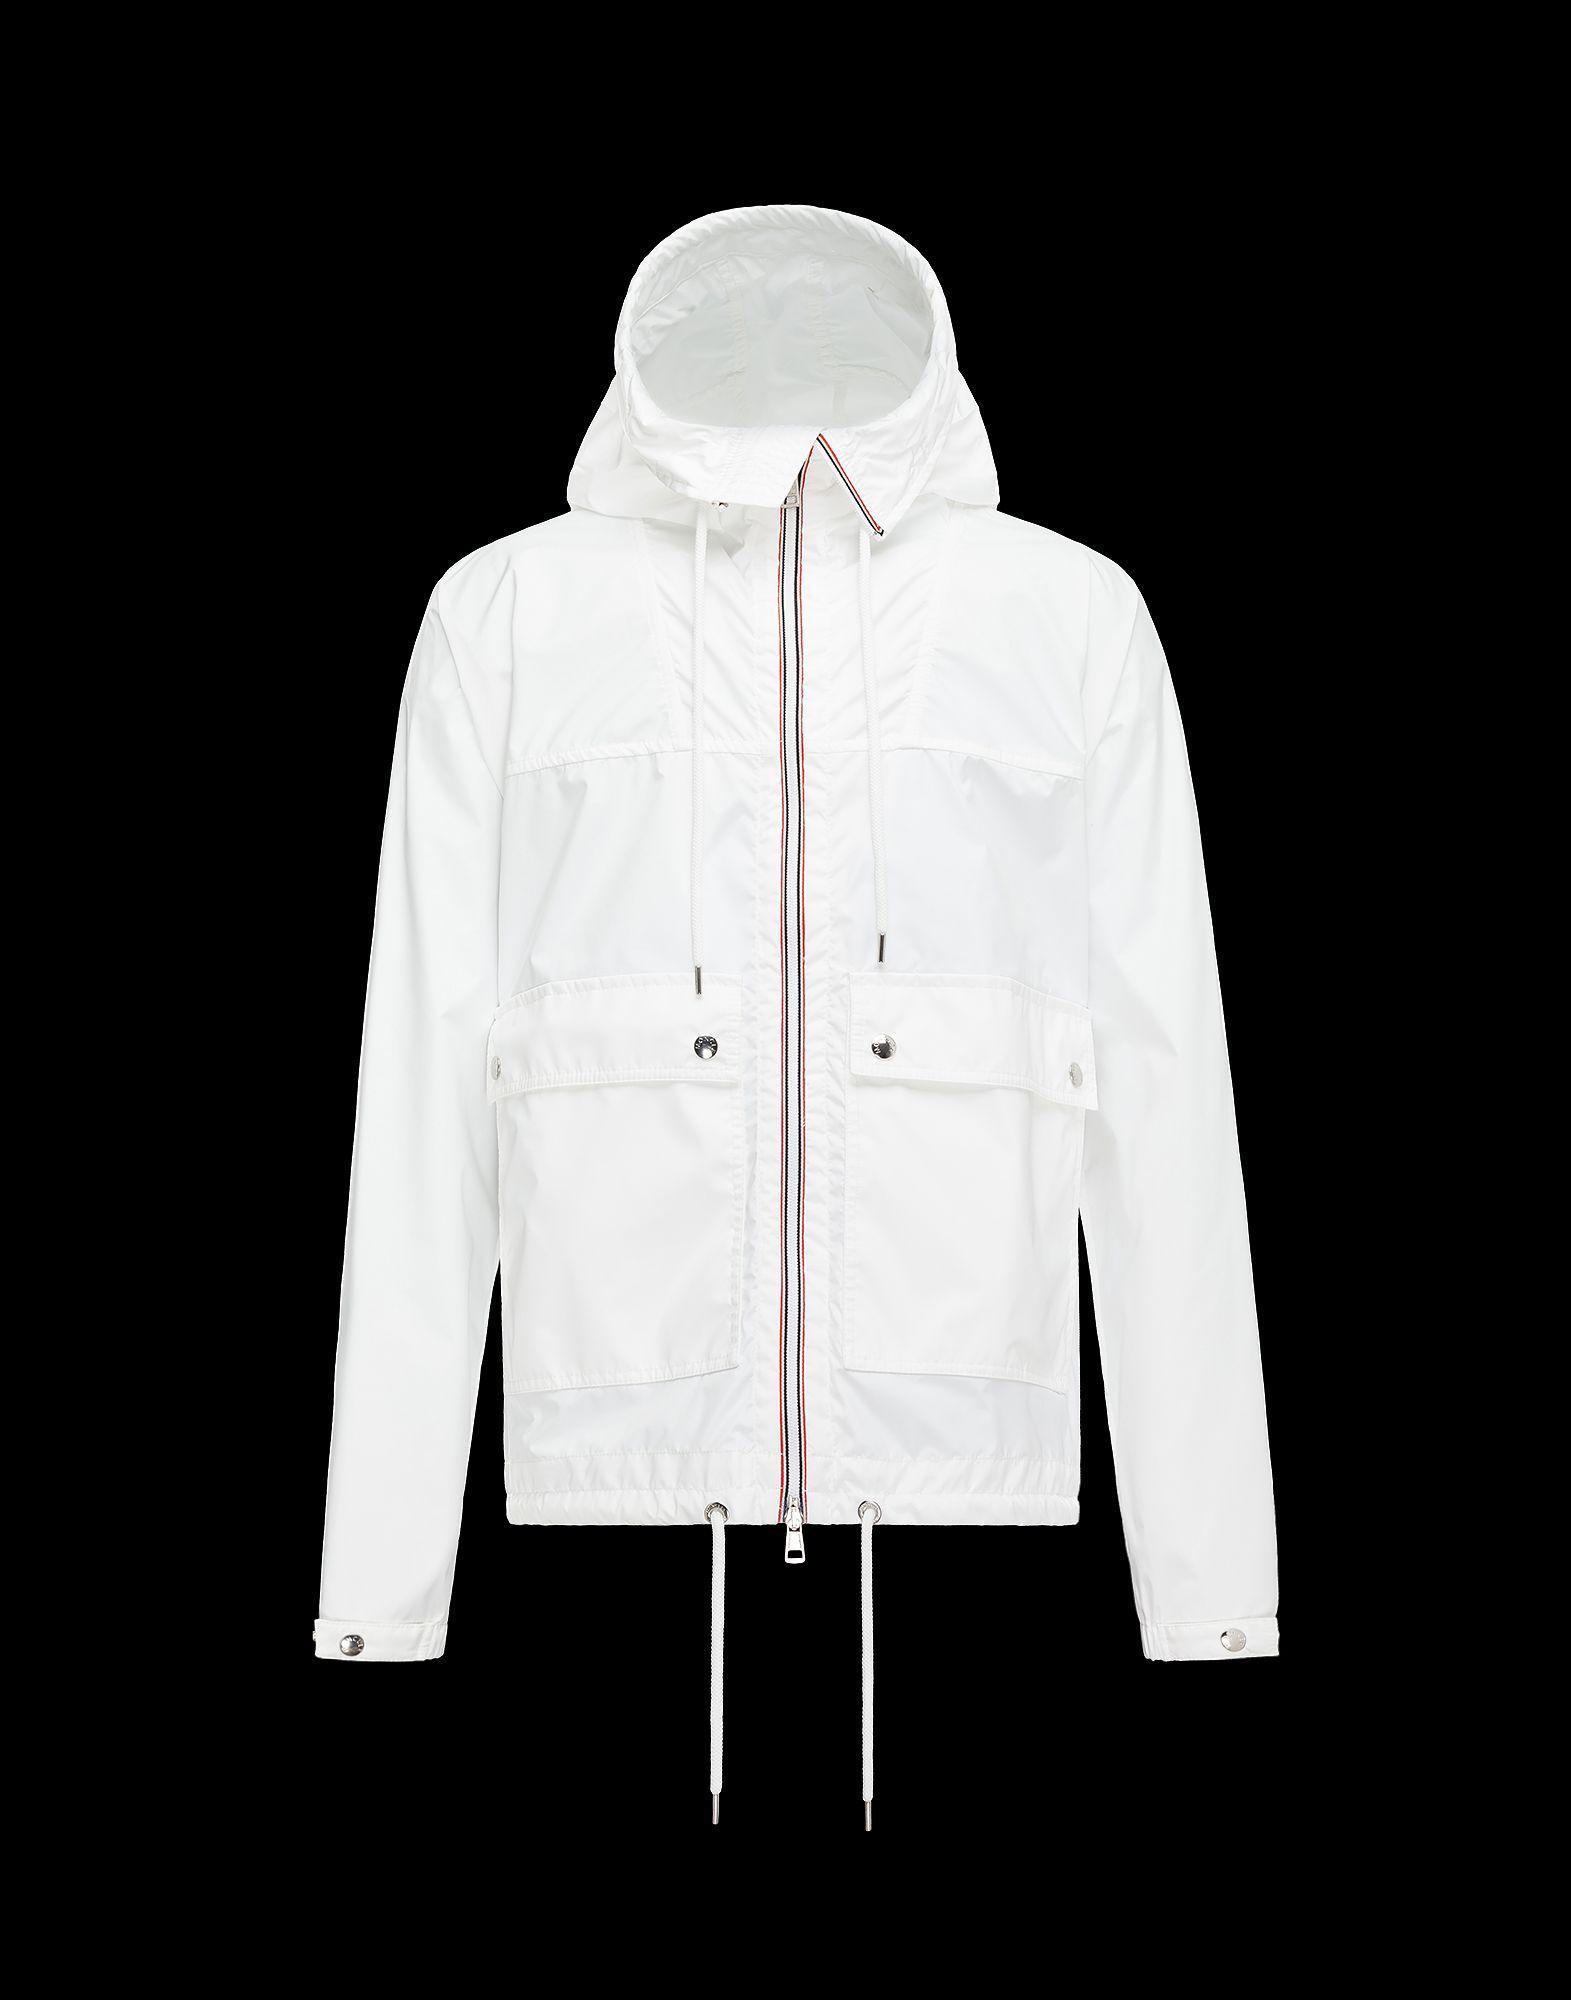 reputable site 5ae14 cc01c Moncler Online Store - Jacket Men | down jacket | Moncler ...